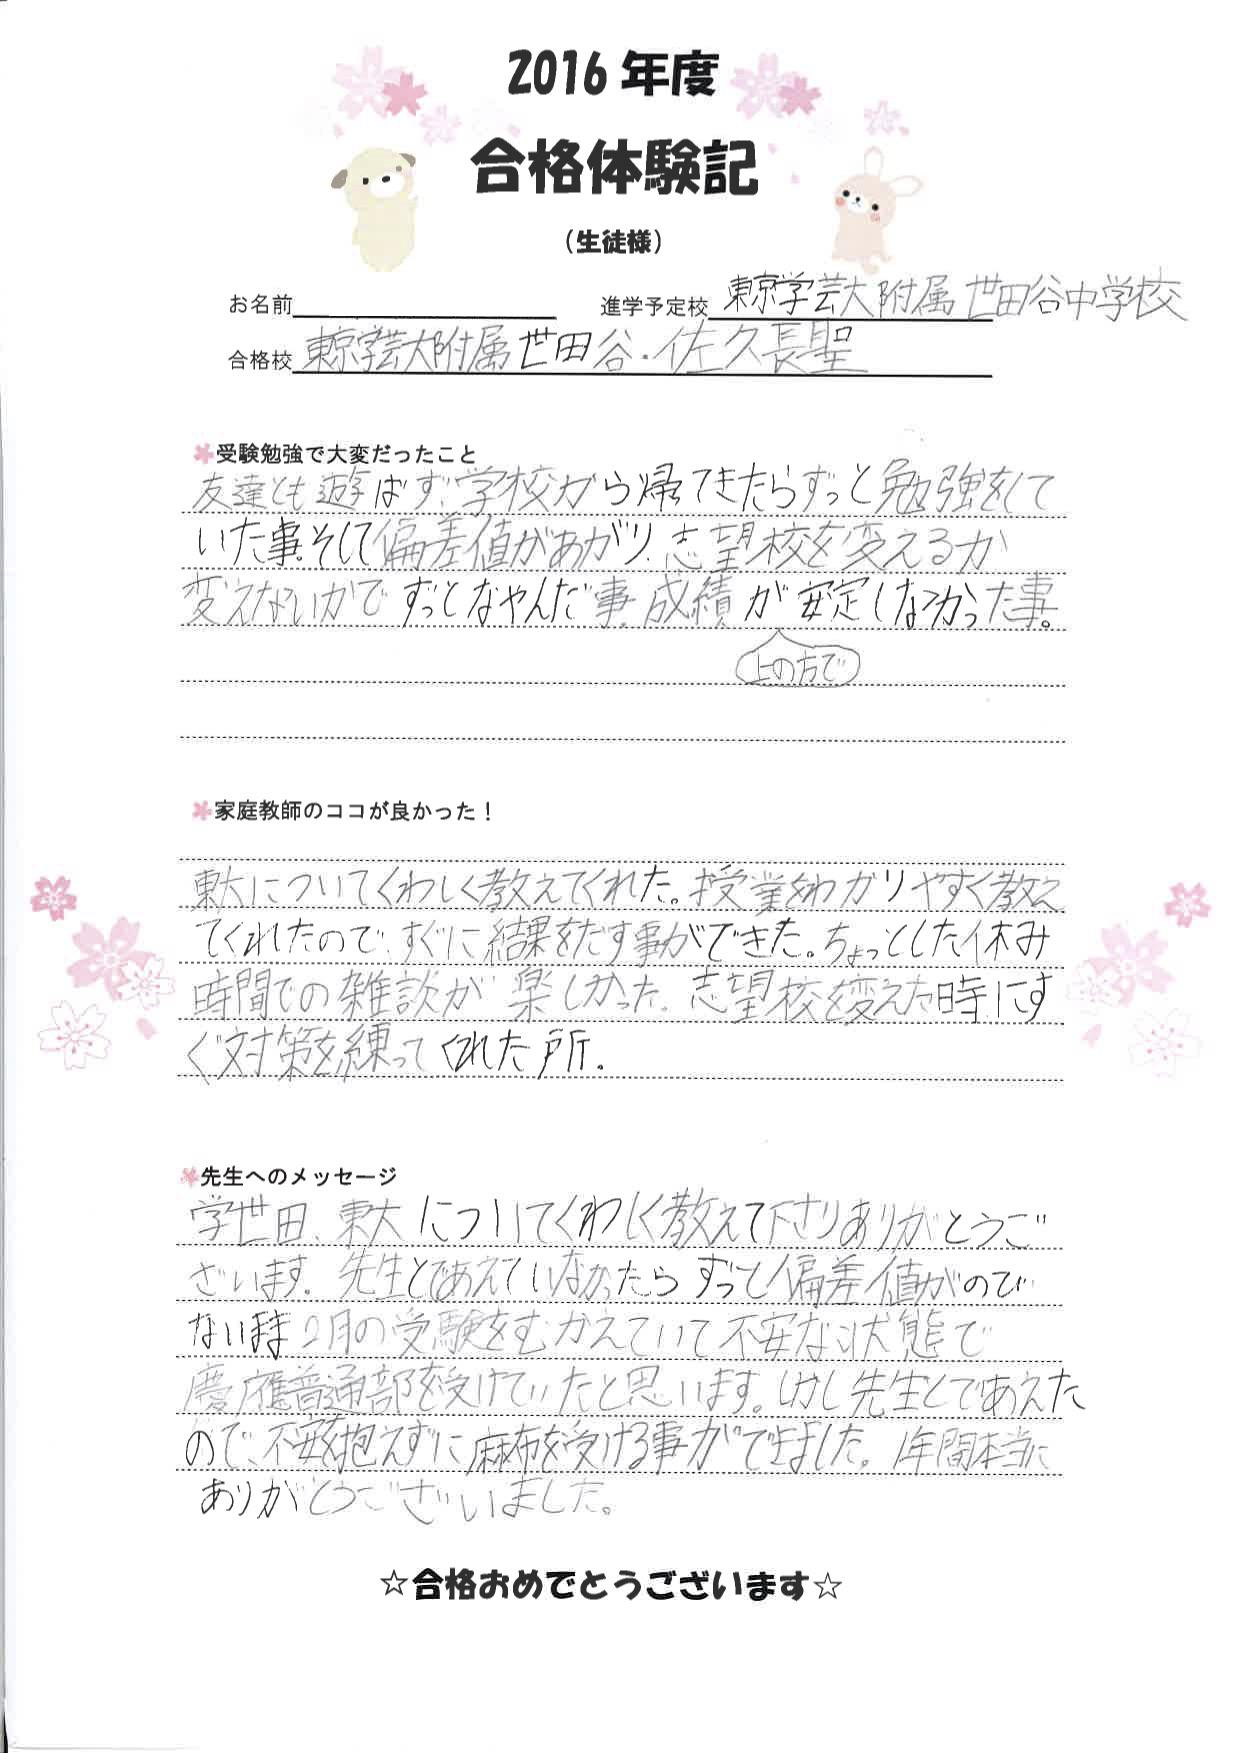 【加工済み】合格体験記21